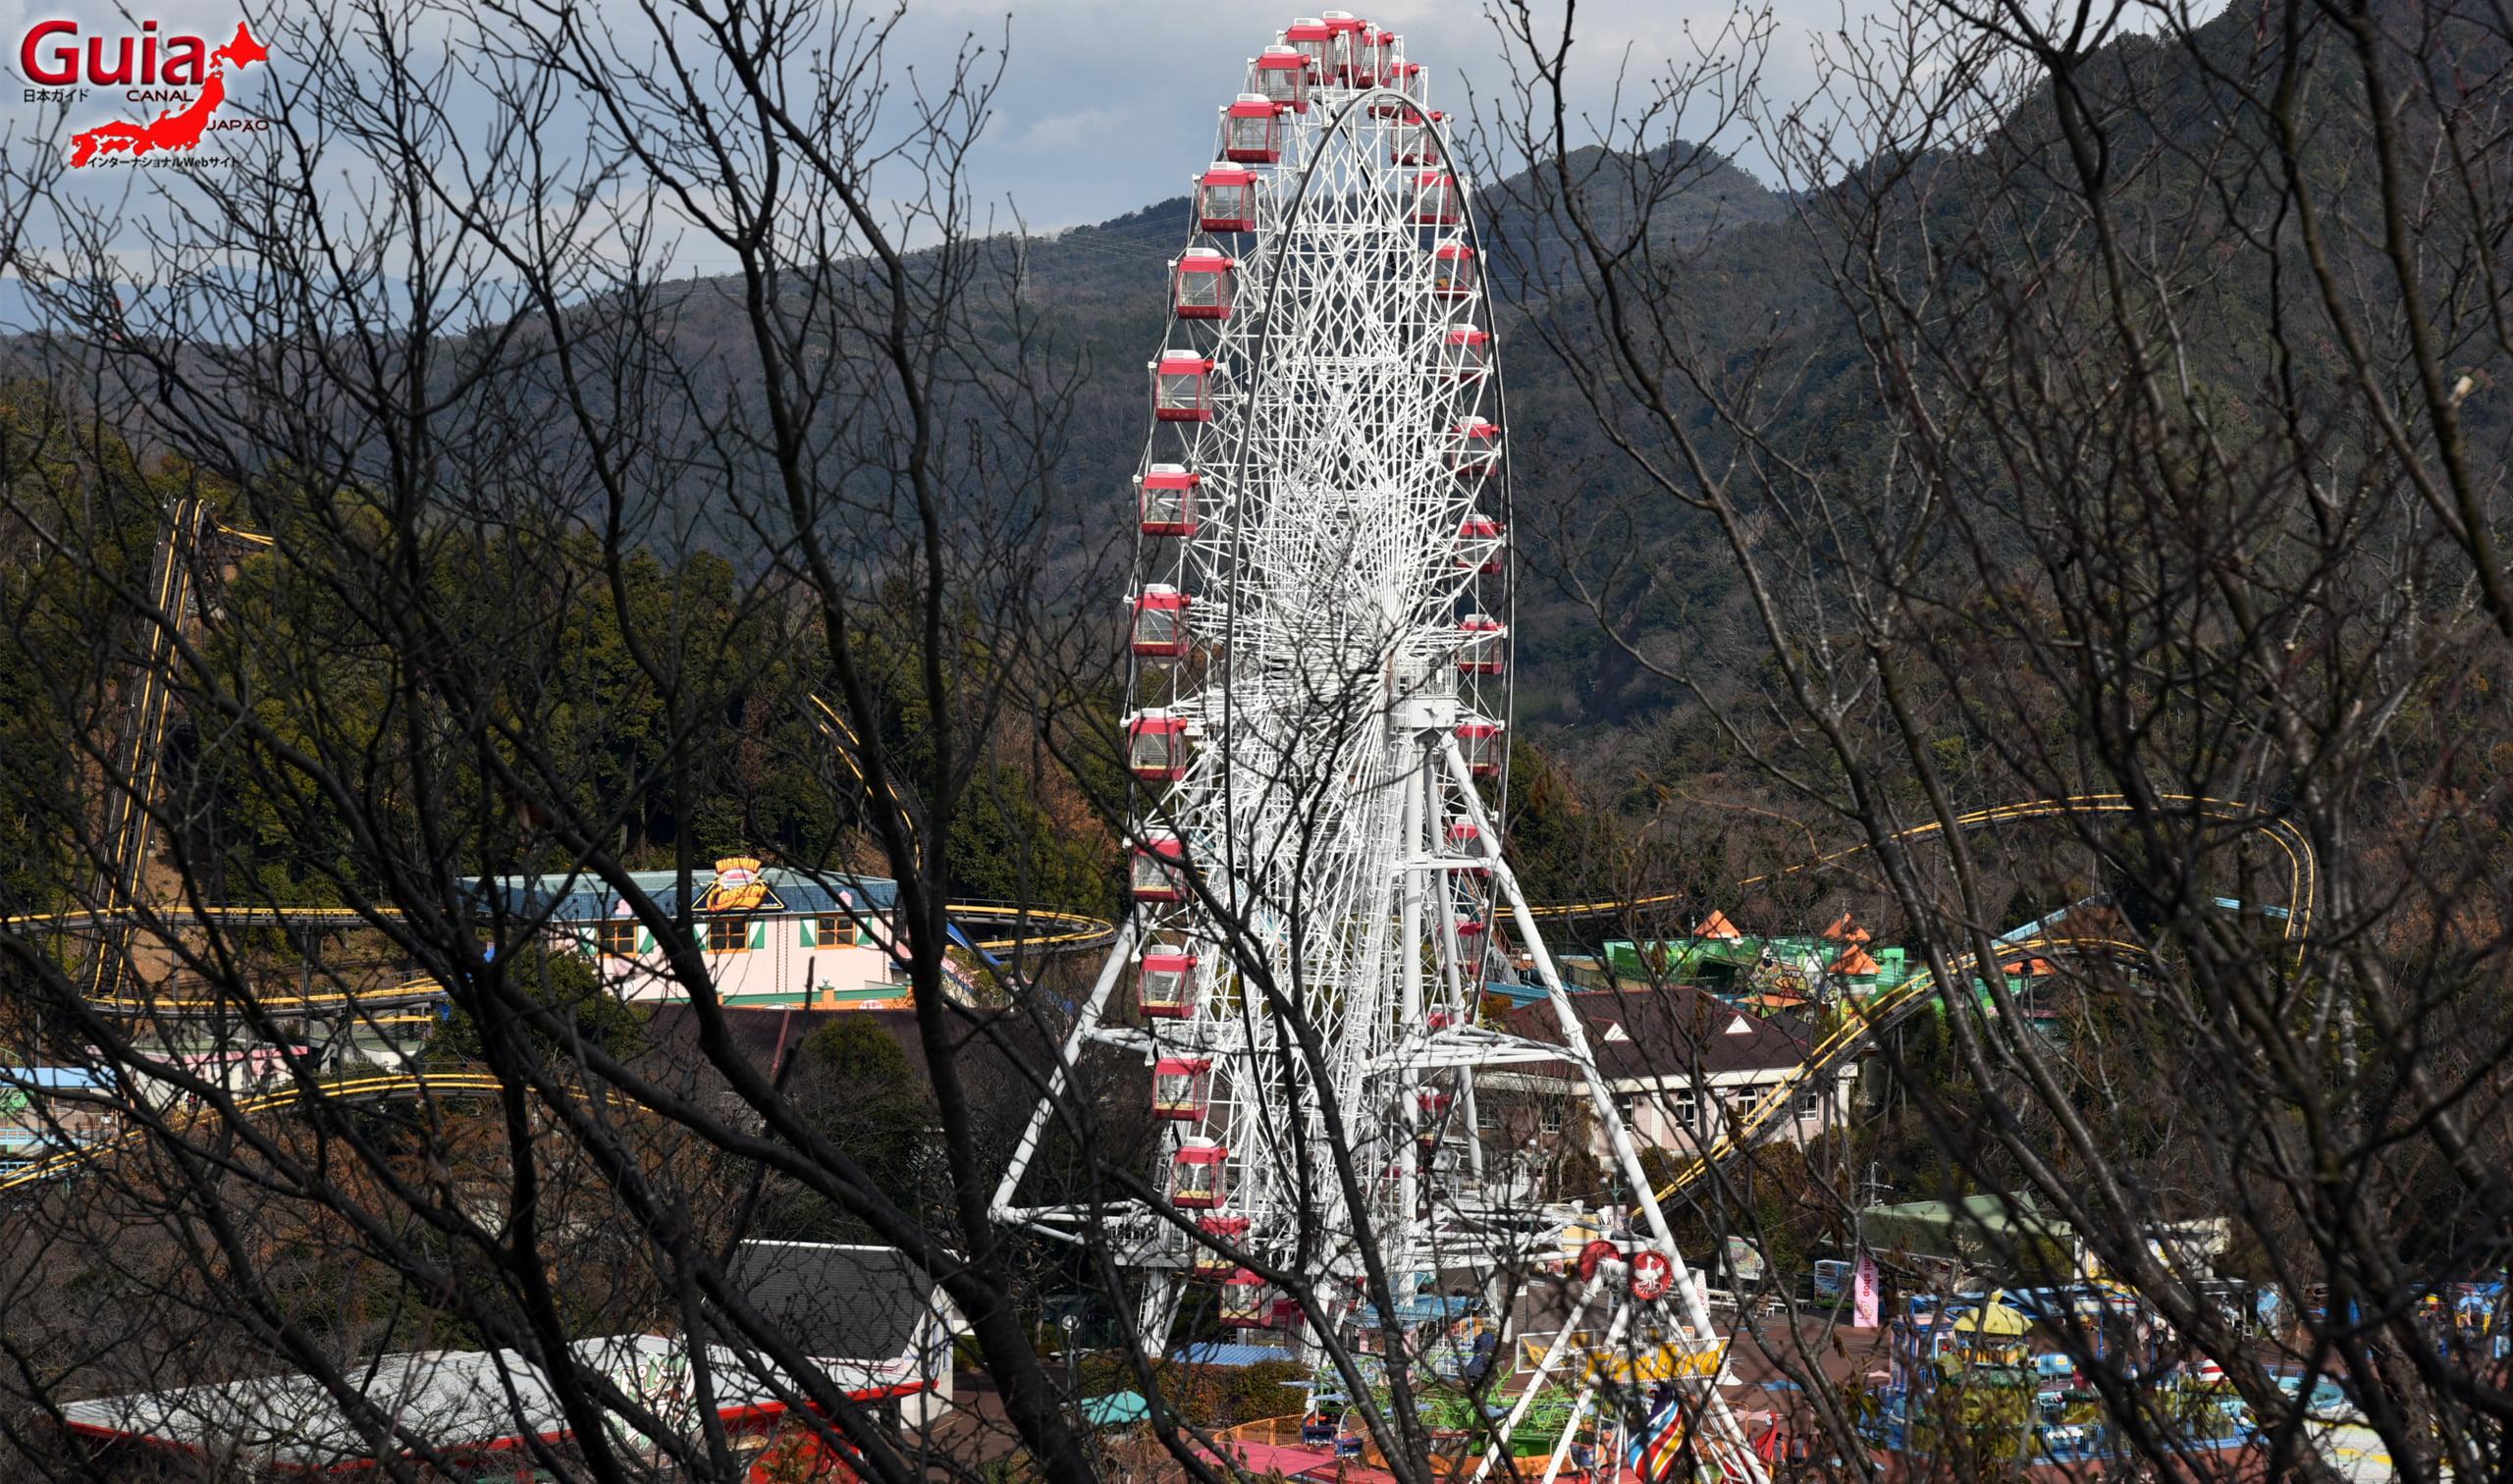 Parco dei divertimenti - Japan Monkey Park 24